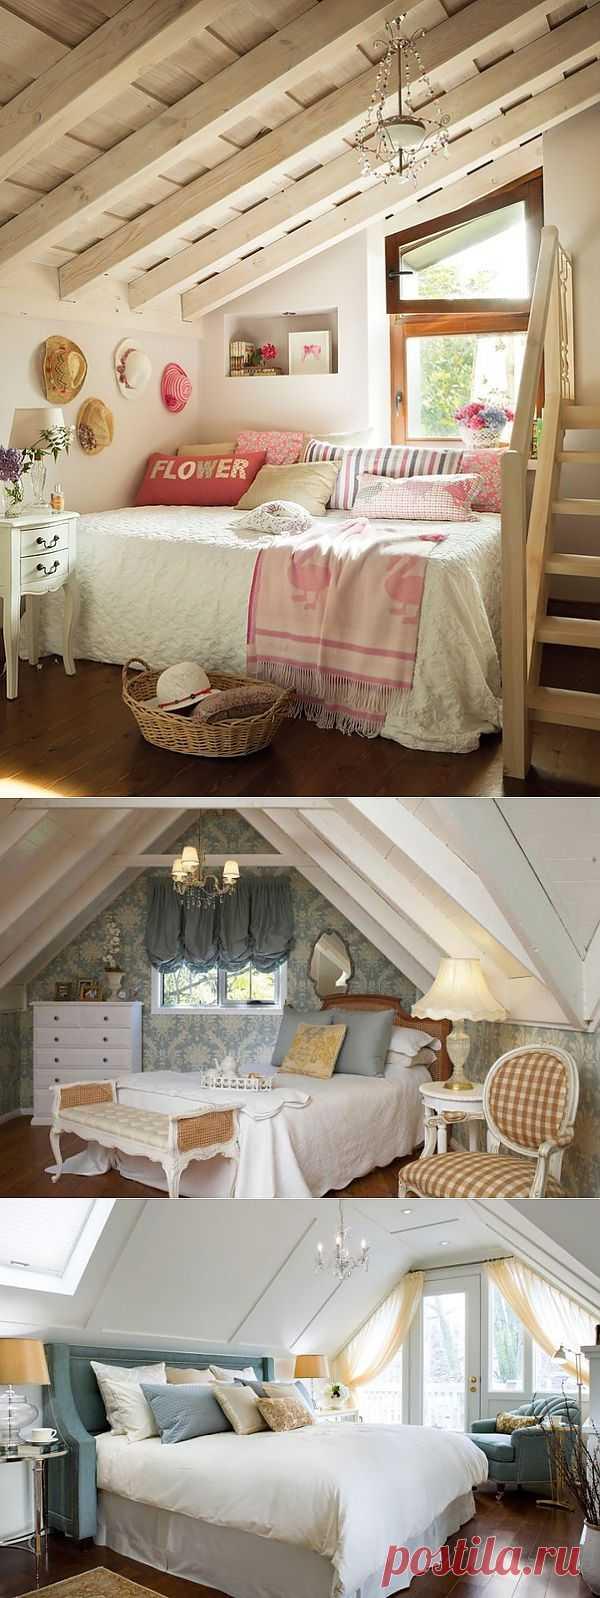 Обустройство комнаты под крышей